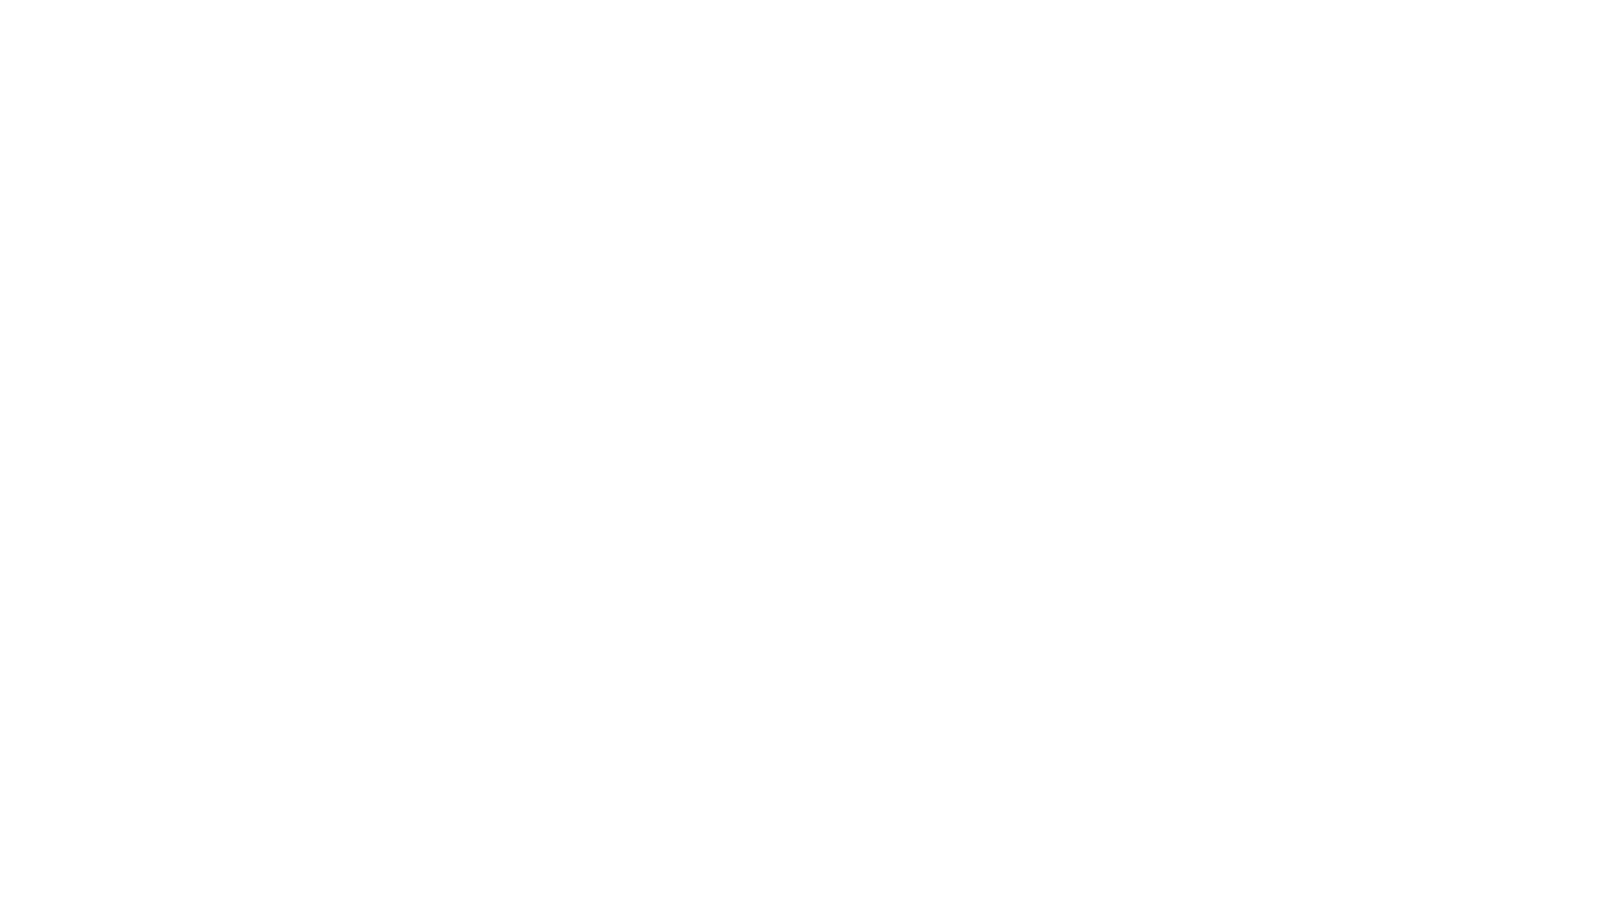 """Servizio del TGR Basilicata del 16 Agosto 2021 sulla ristampa del libro """"L'Antica Terra di Ruoti"""" di Gerardo Salinardi, insieme all'intitolazione di una piazza e l'annullo filatelico (a cura di Poste Italiane)."""